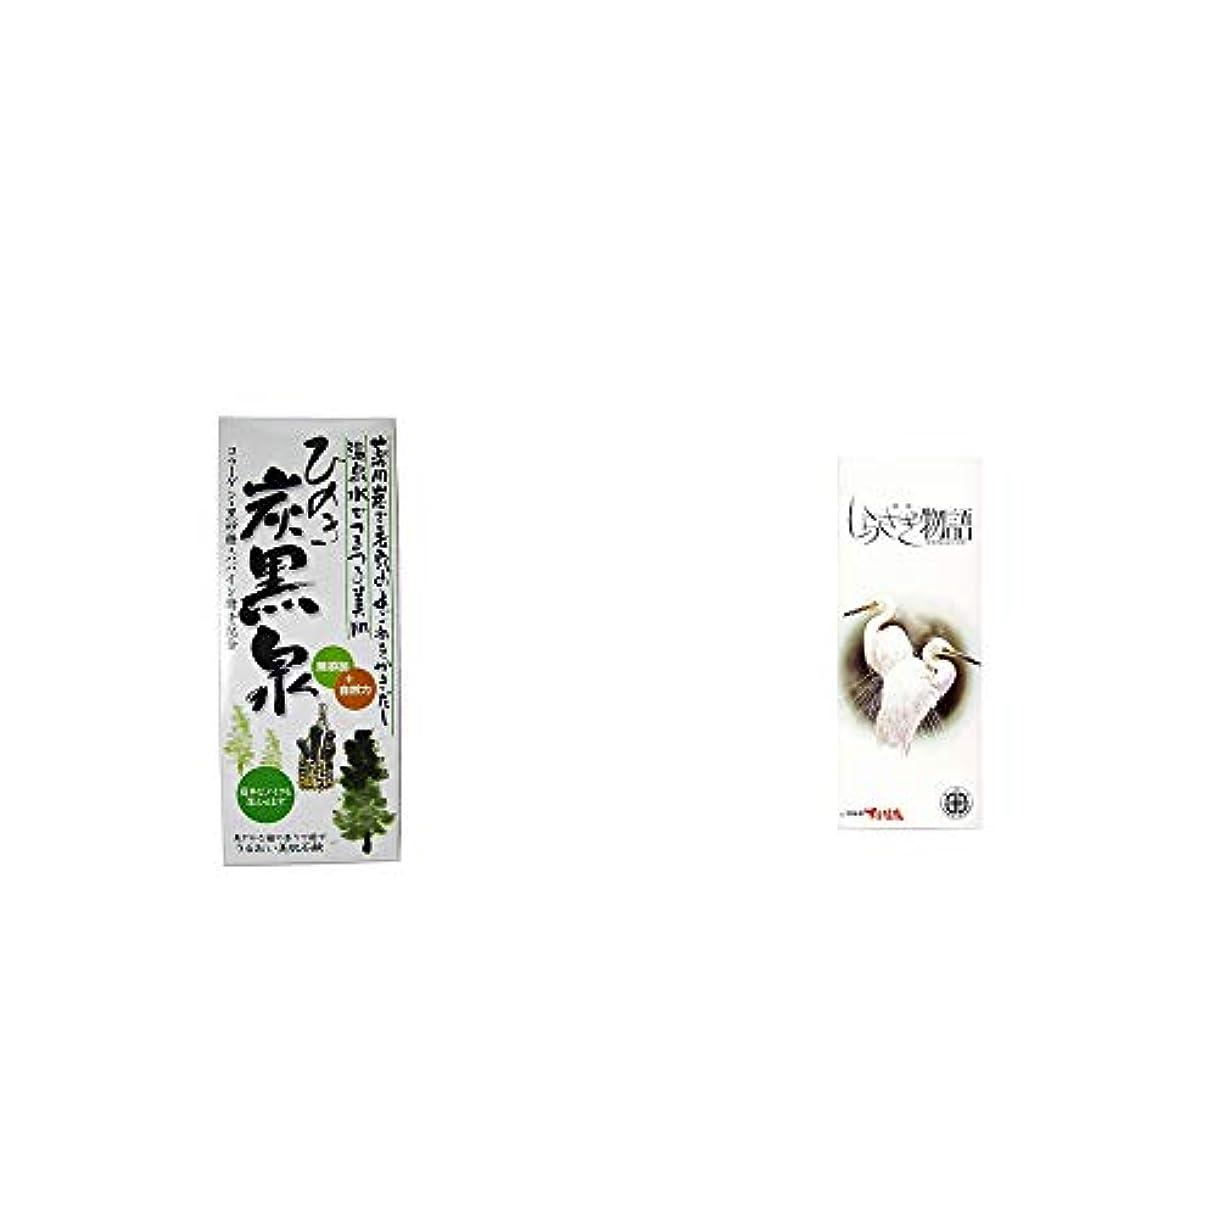 関税天国ブランチ[2点セット] ひのき炭黒泉 箱入り(75g×3)?飛騨銘菓 しらさぎ物語 [特小](11枚入)